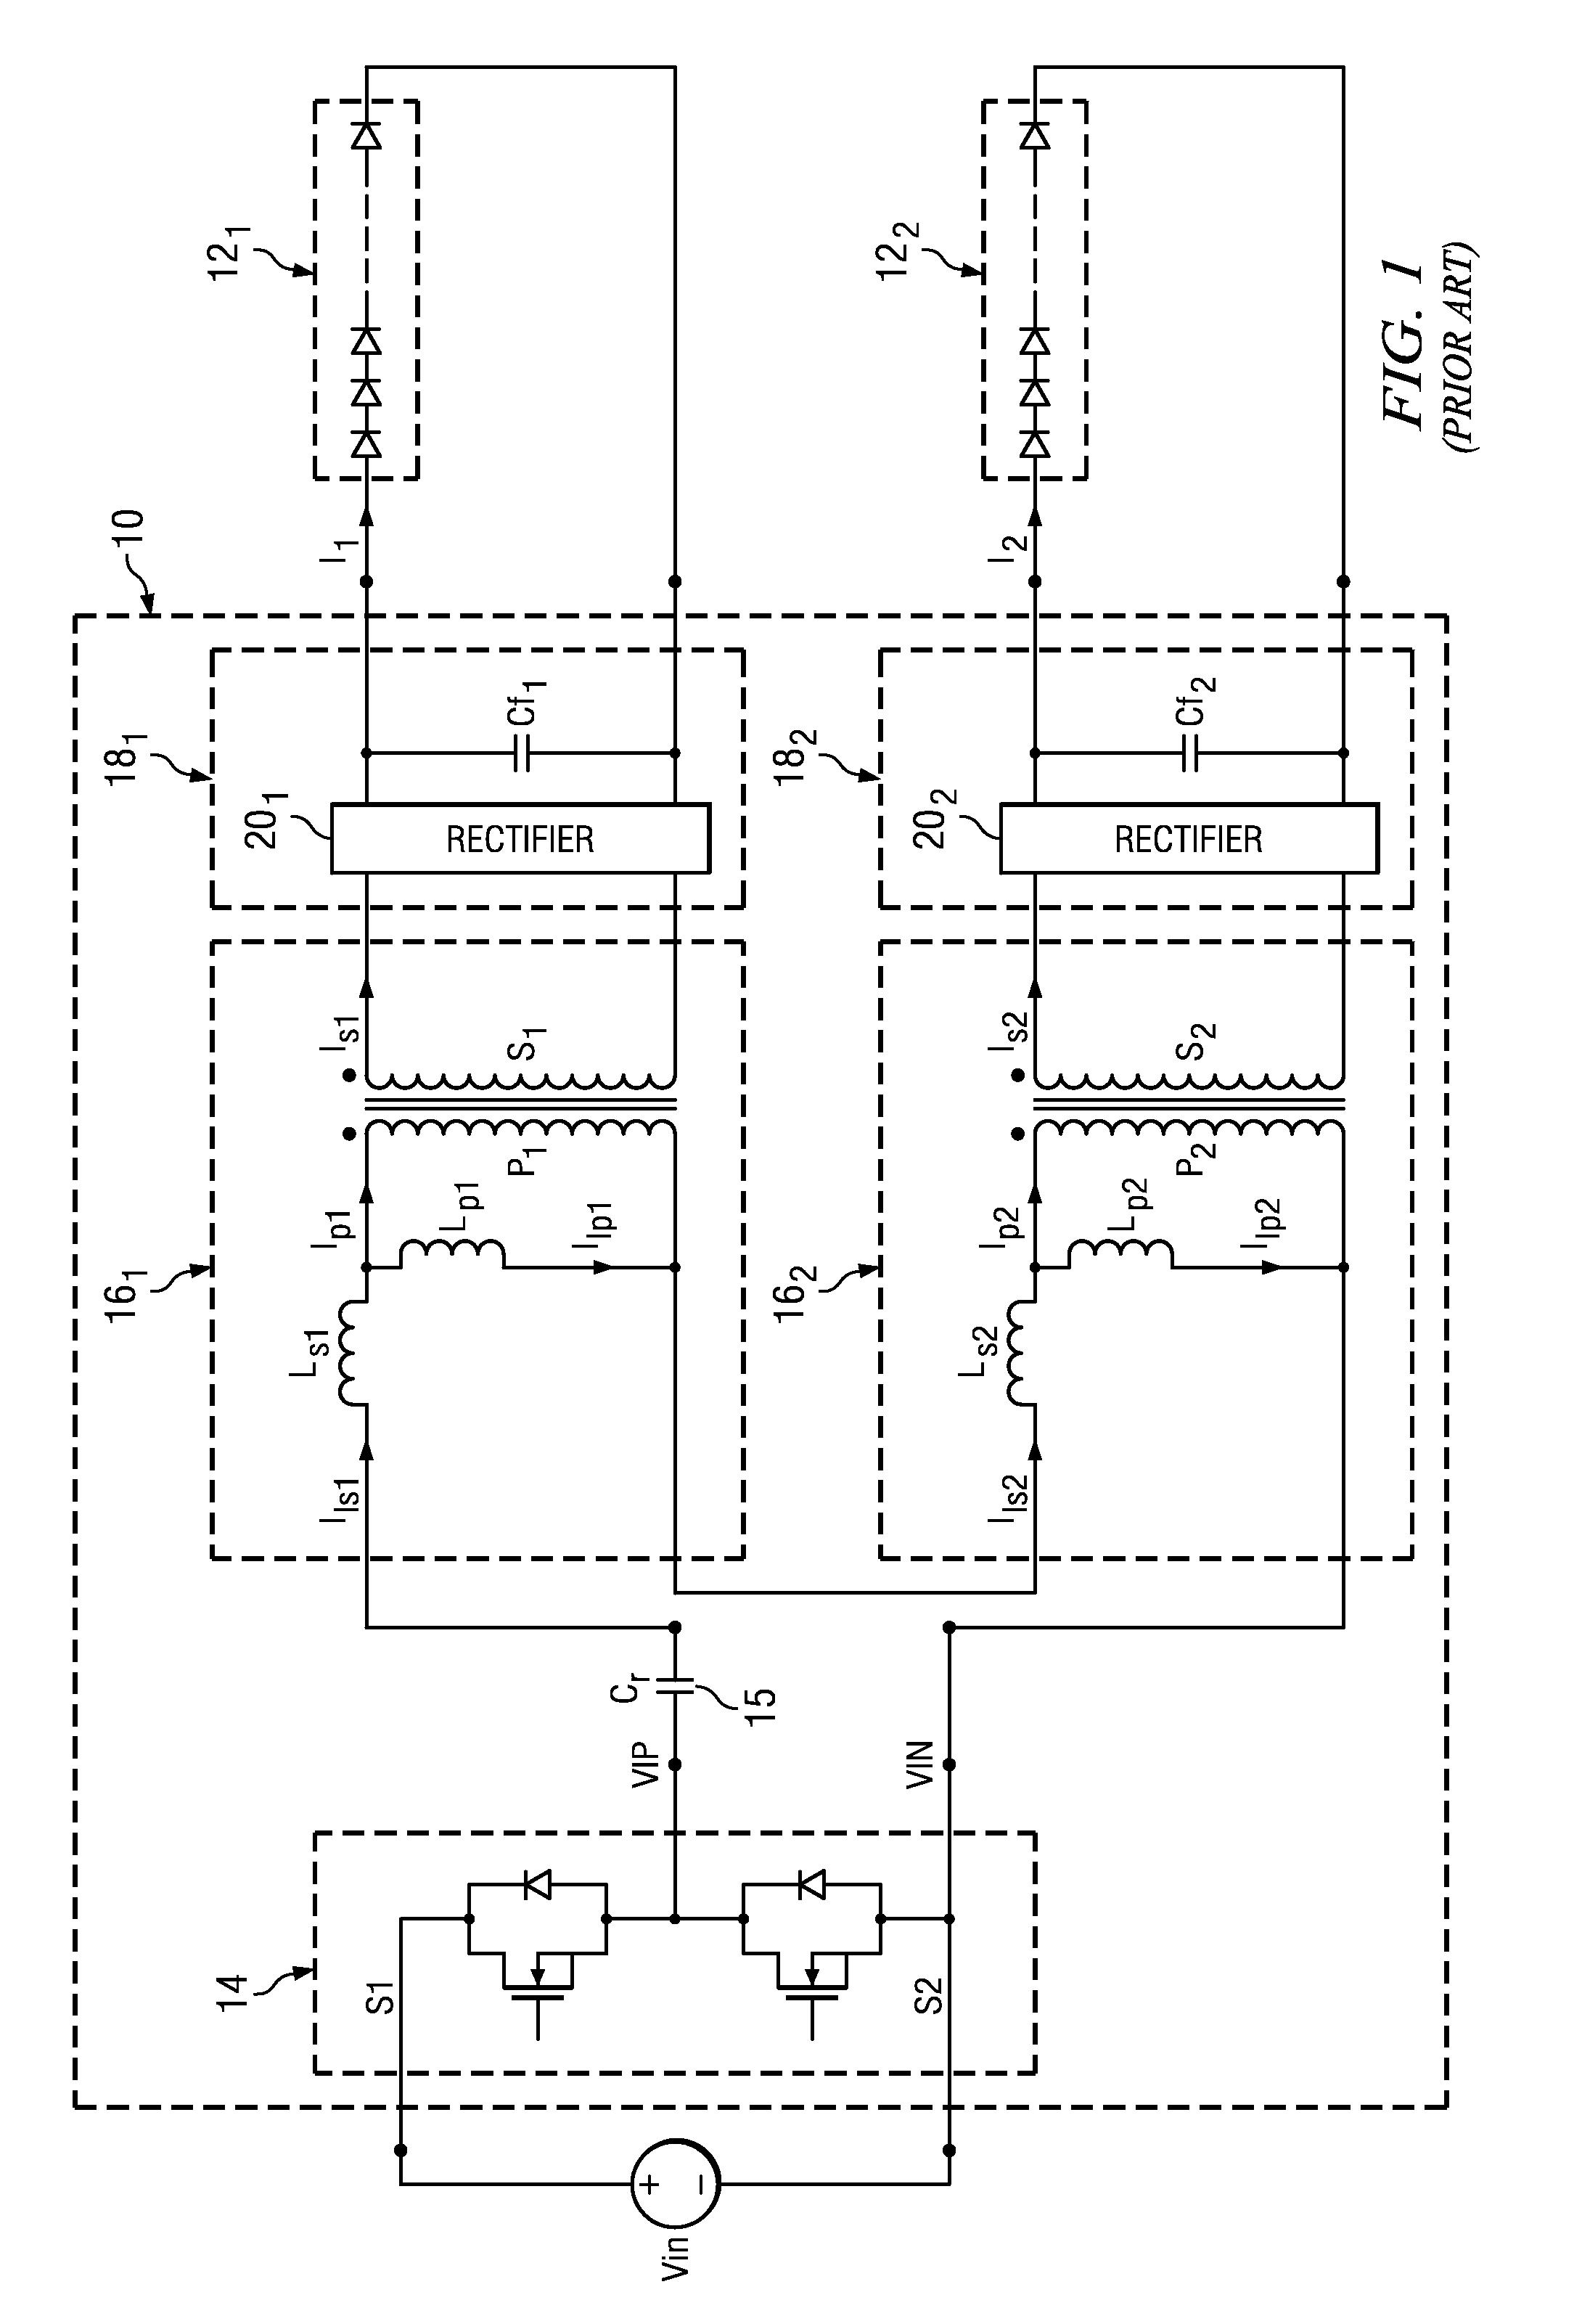 patent us20110316430